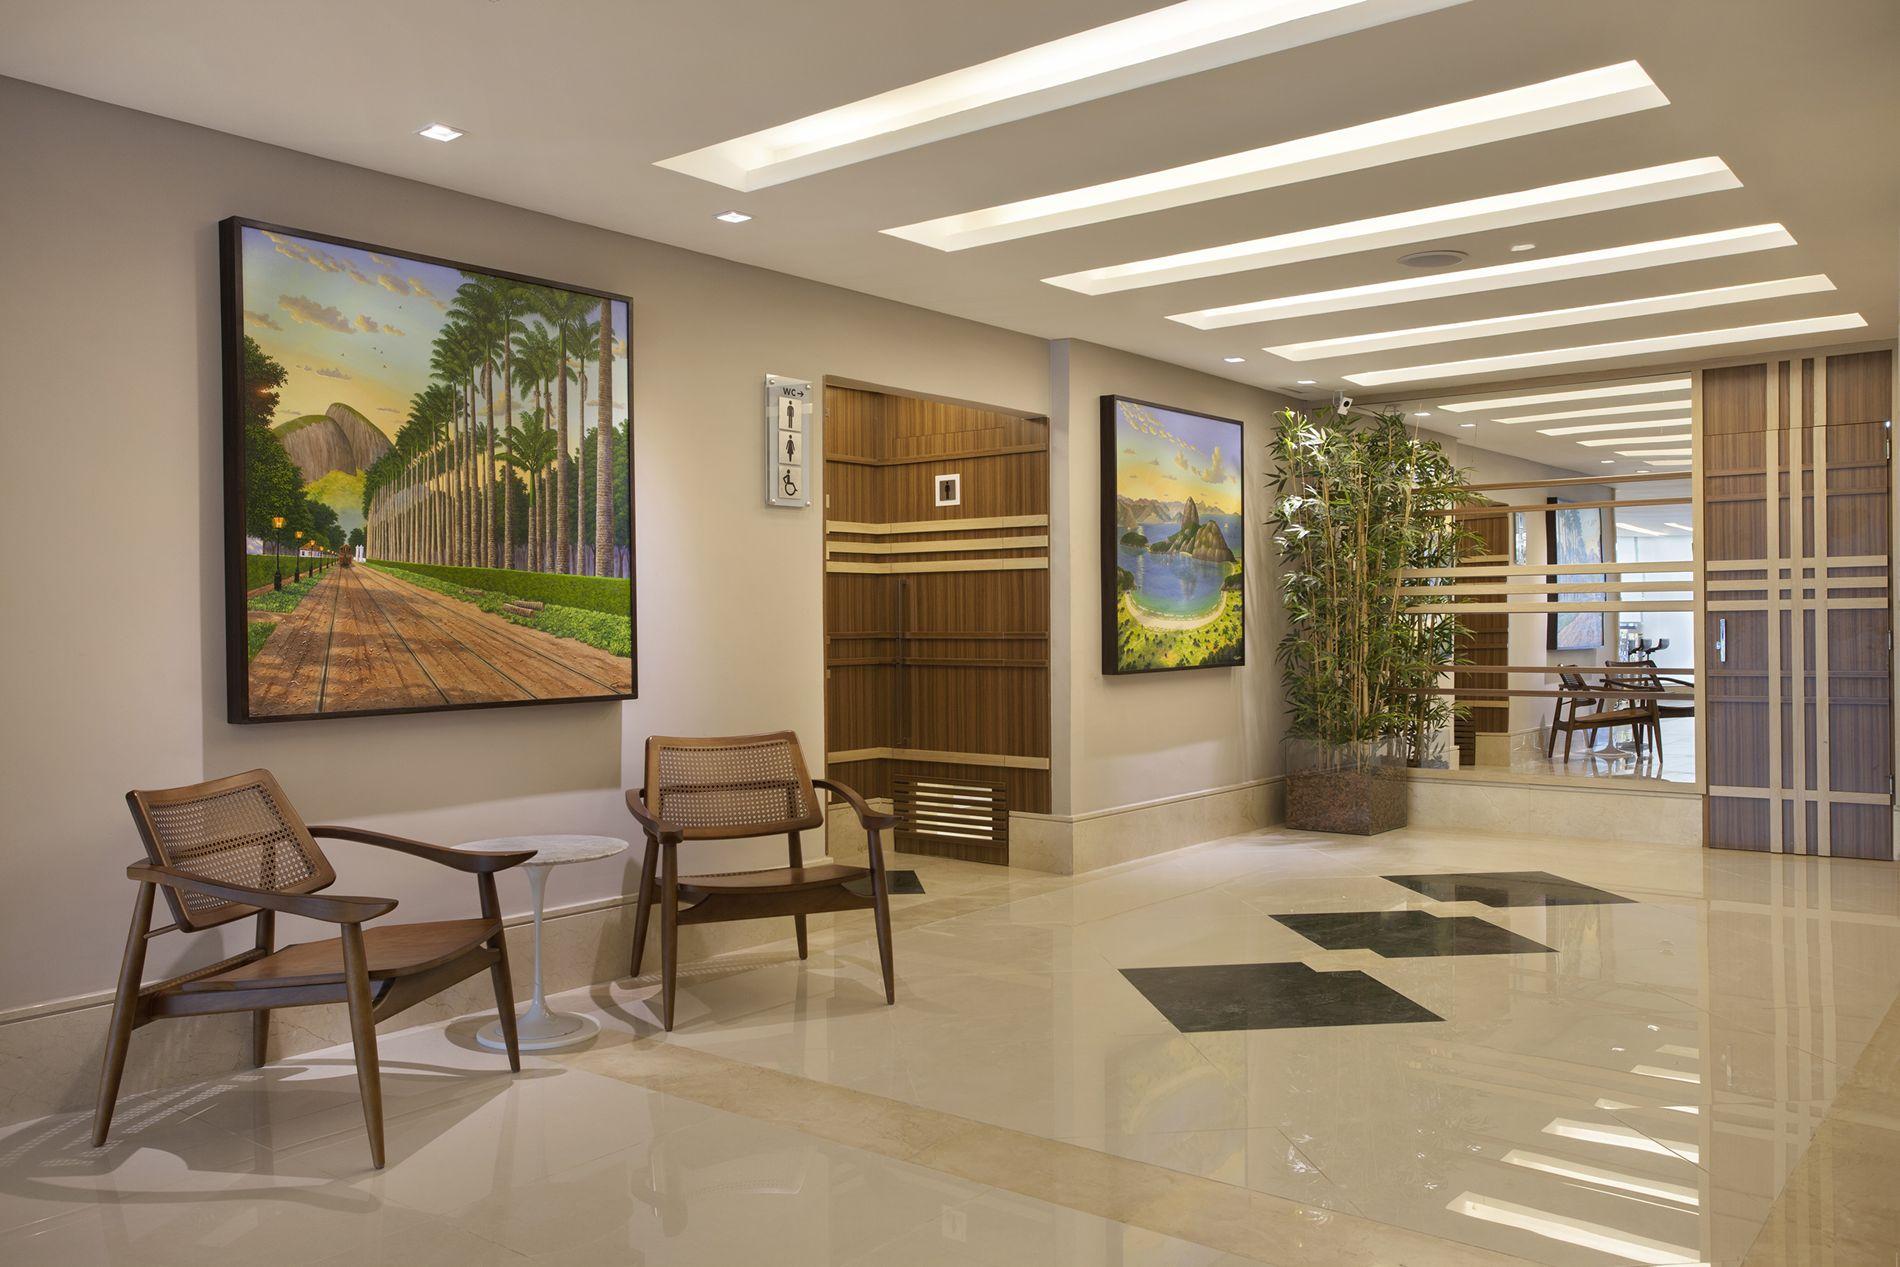 Projeto de Hotelaria Arquitetura de Recepção #906E3B 1900 1267